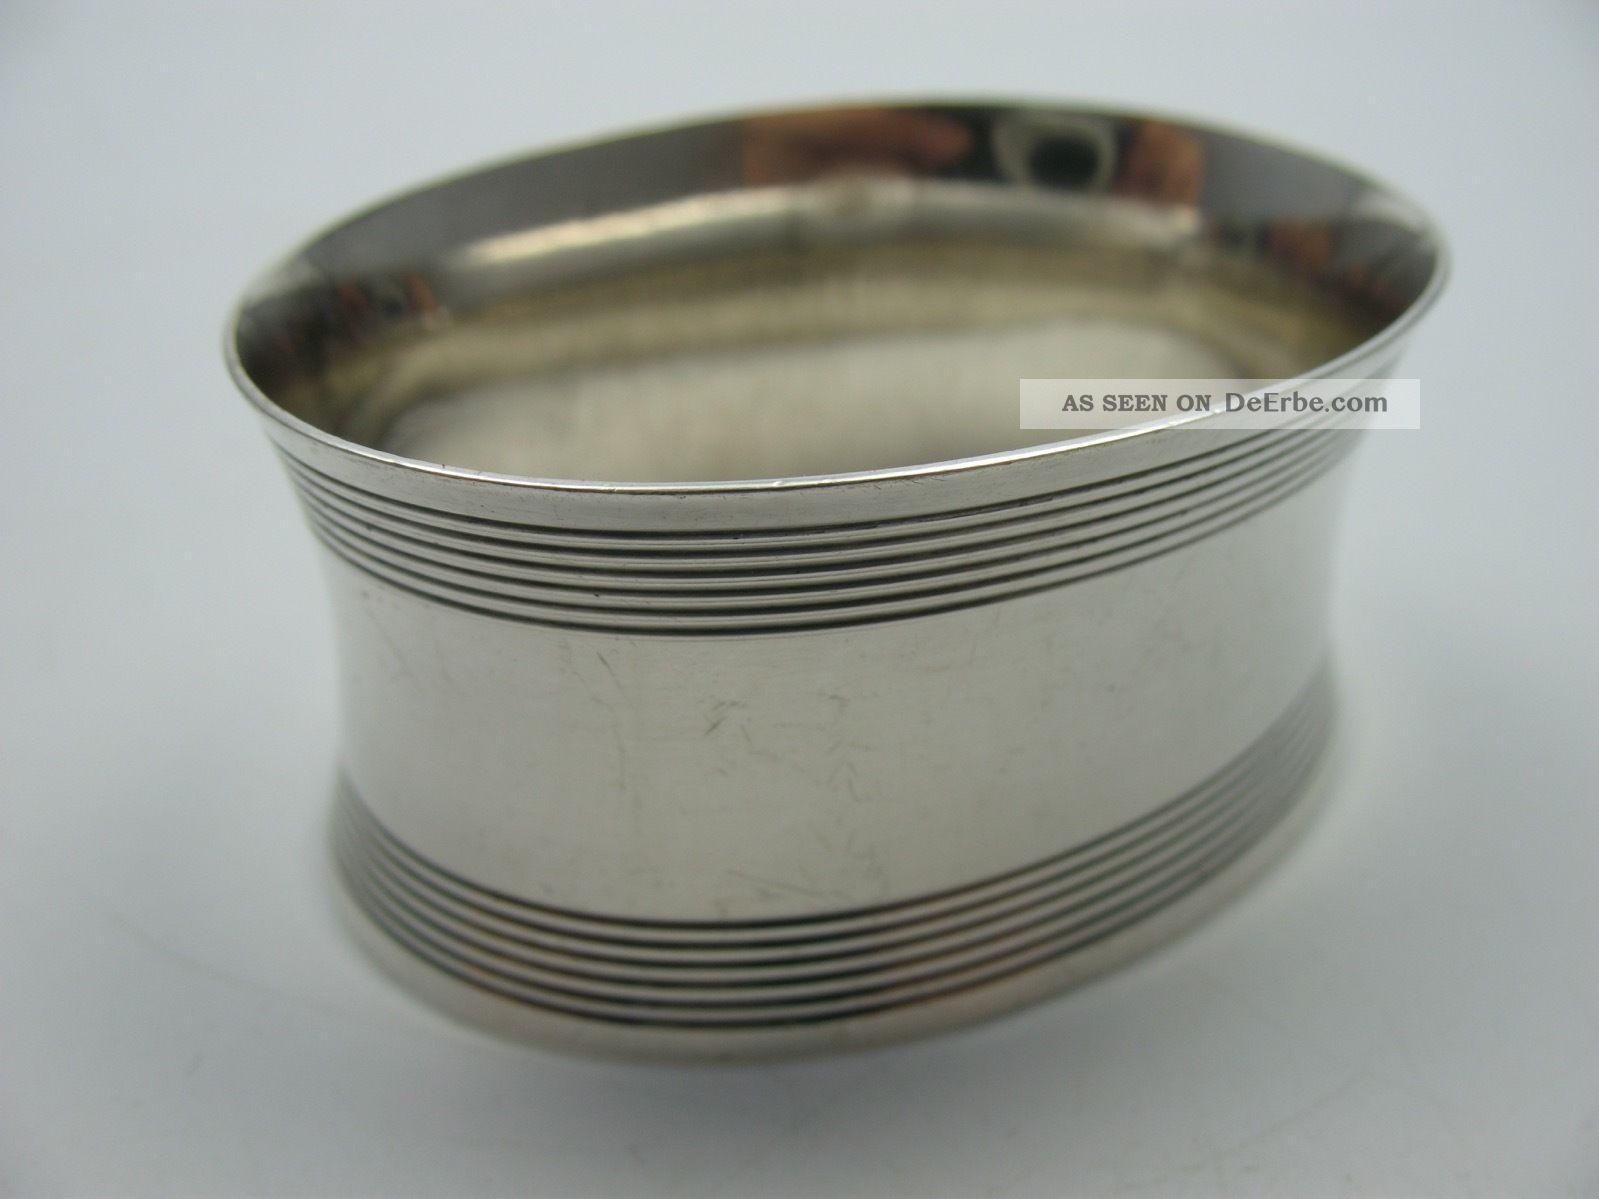 Klasse Großer Alter Ovaler Serviettenring Aus 835 Silber Für Stoffservietten Objekte vor 1945 Bild